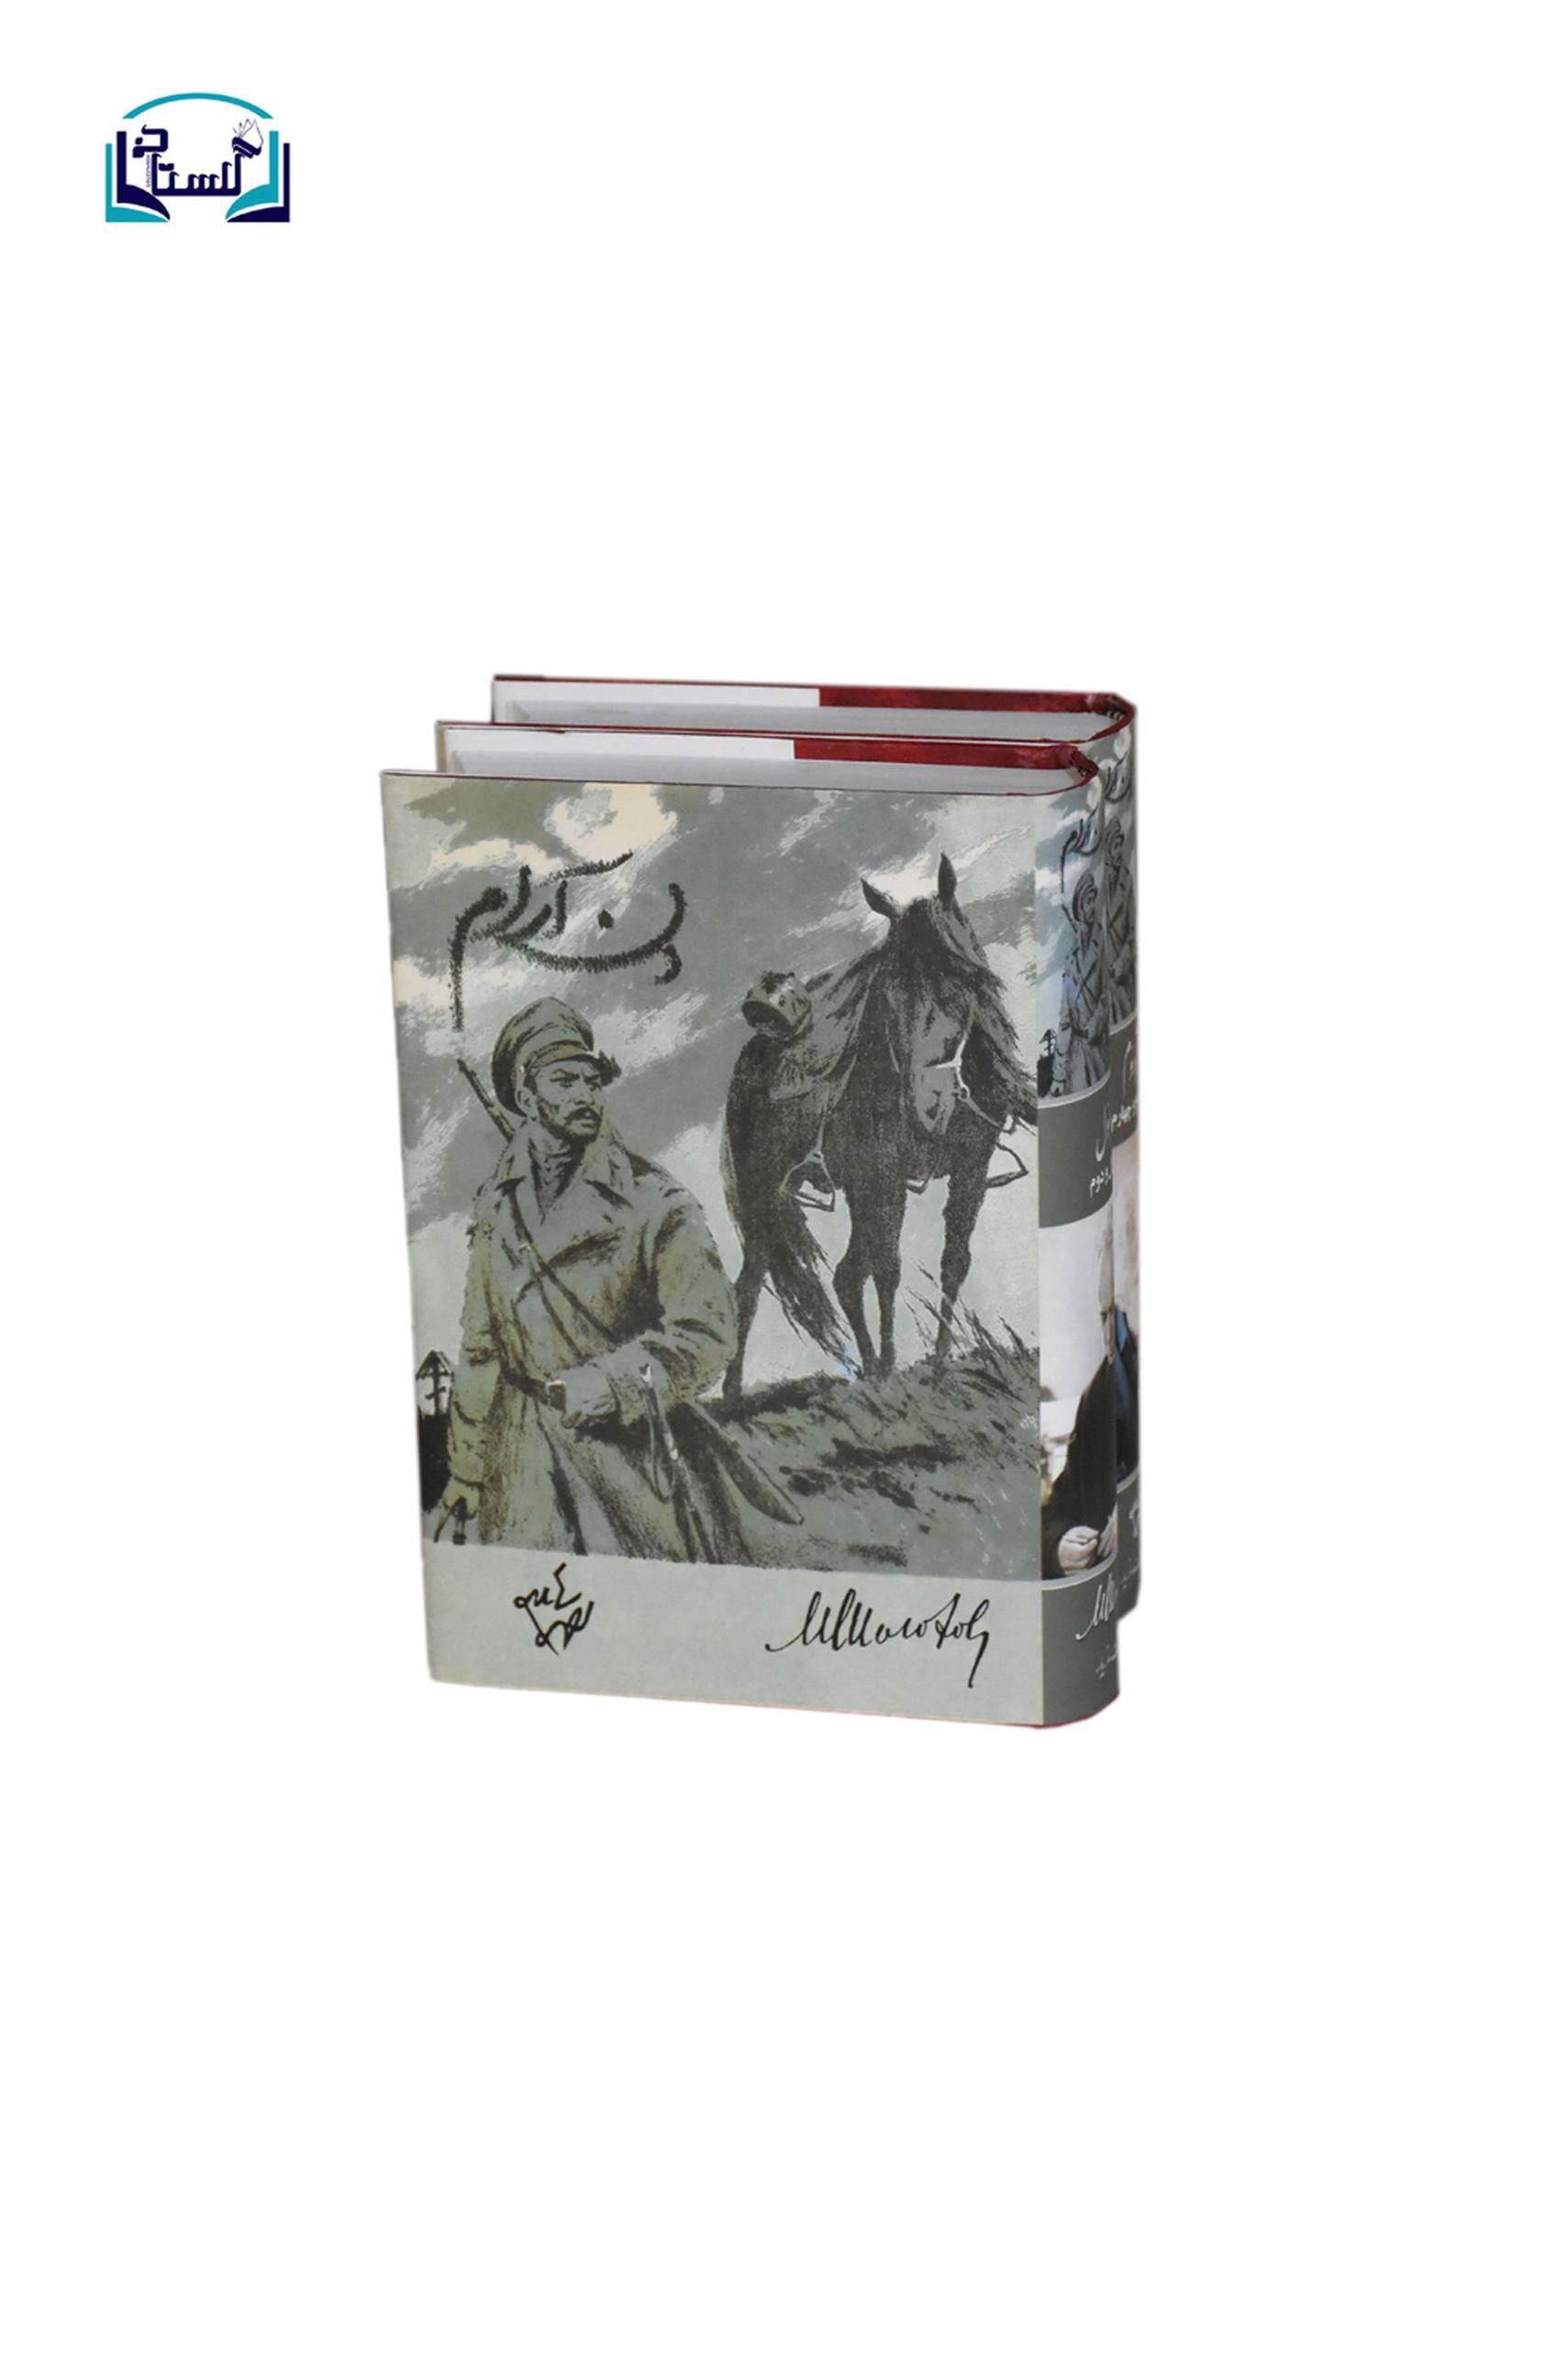 دن-آرام-4-جلد-در-2-مجلد-(مازيار)-رقعي-سلفون